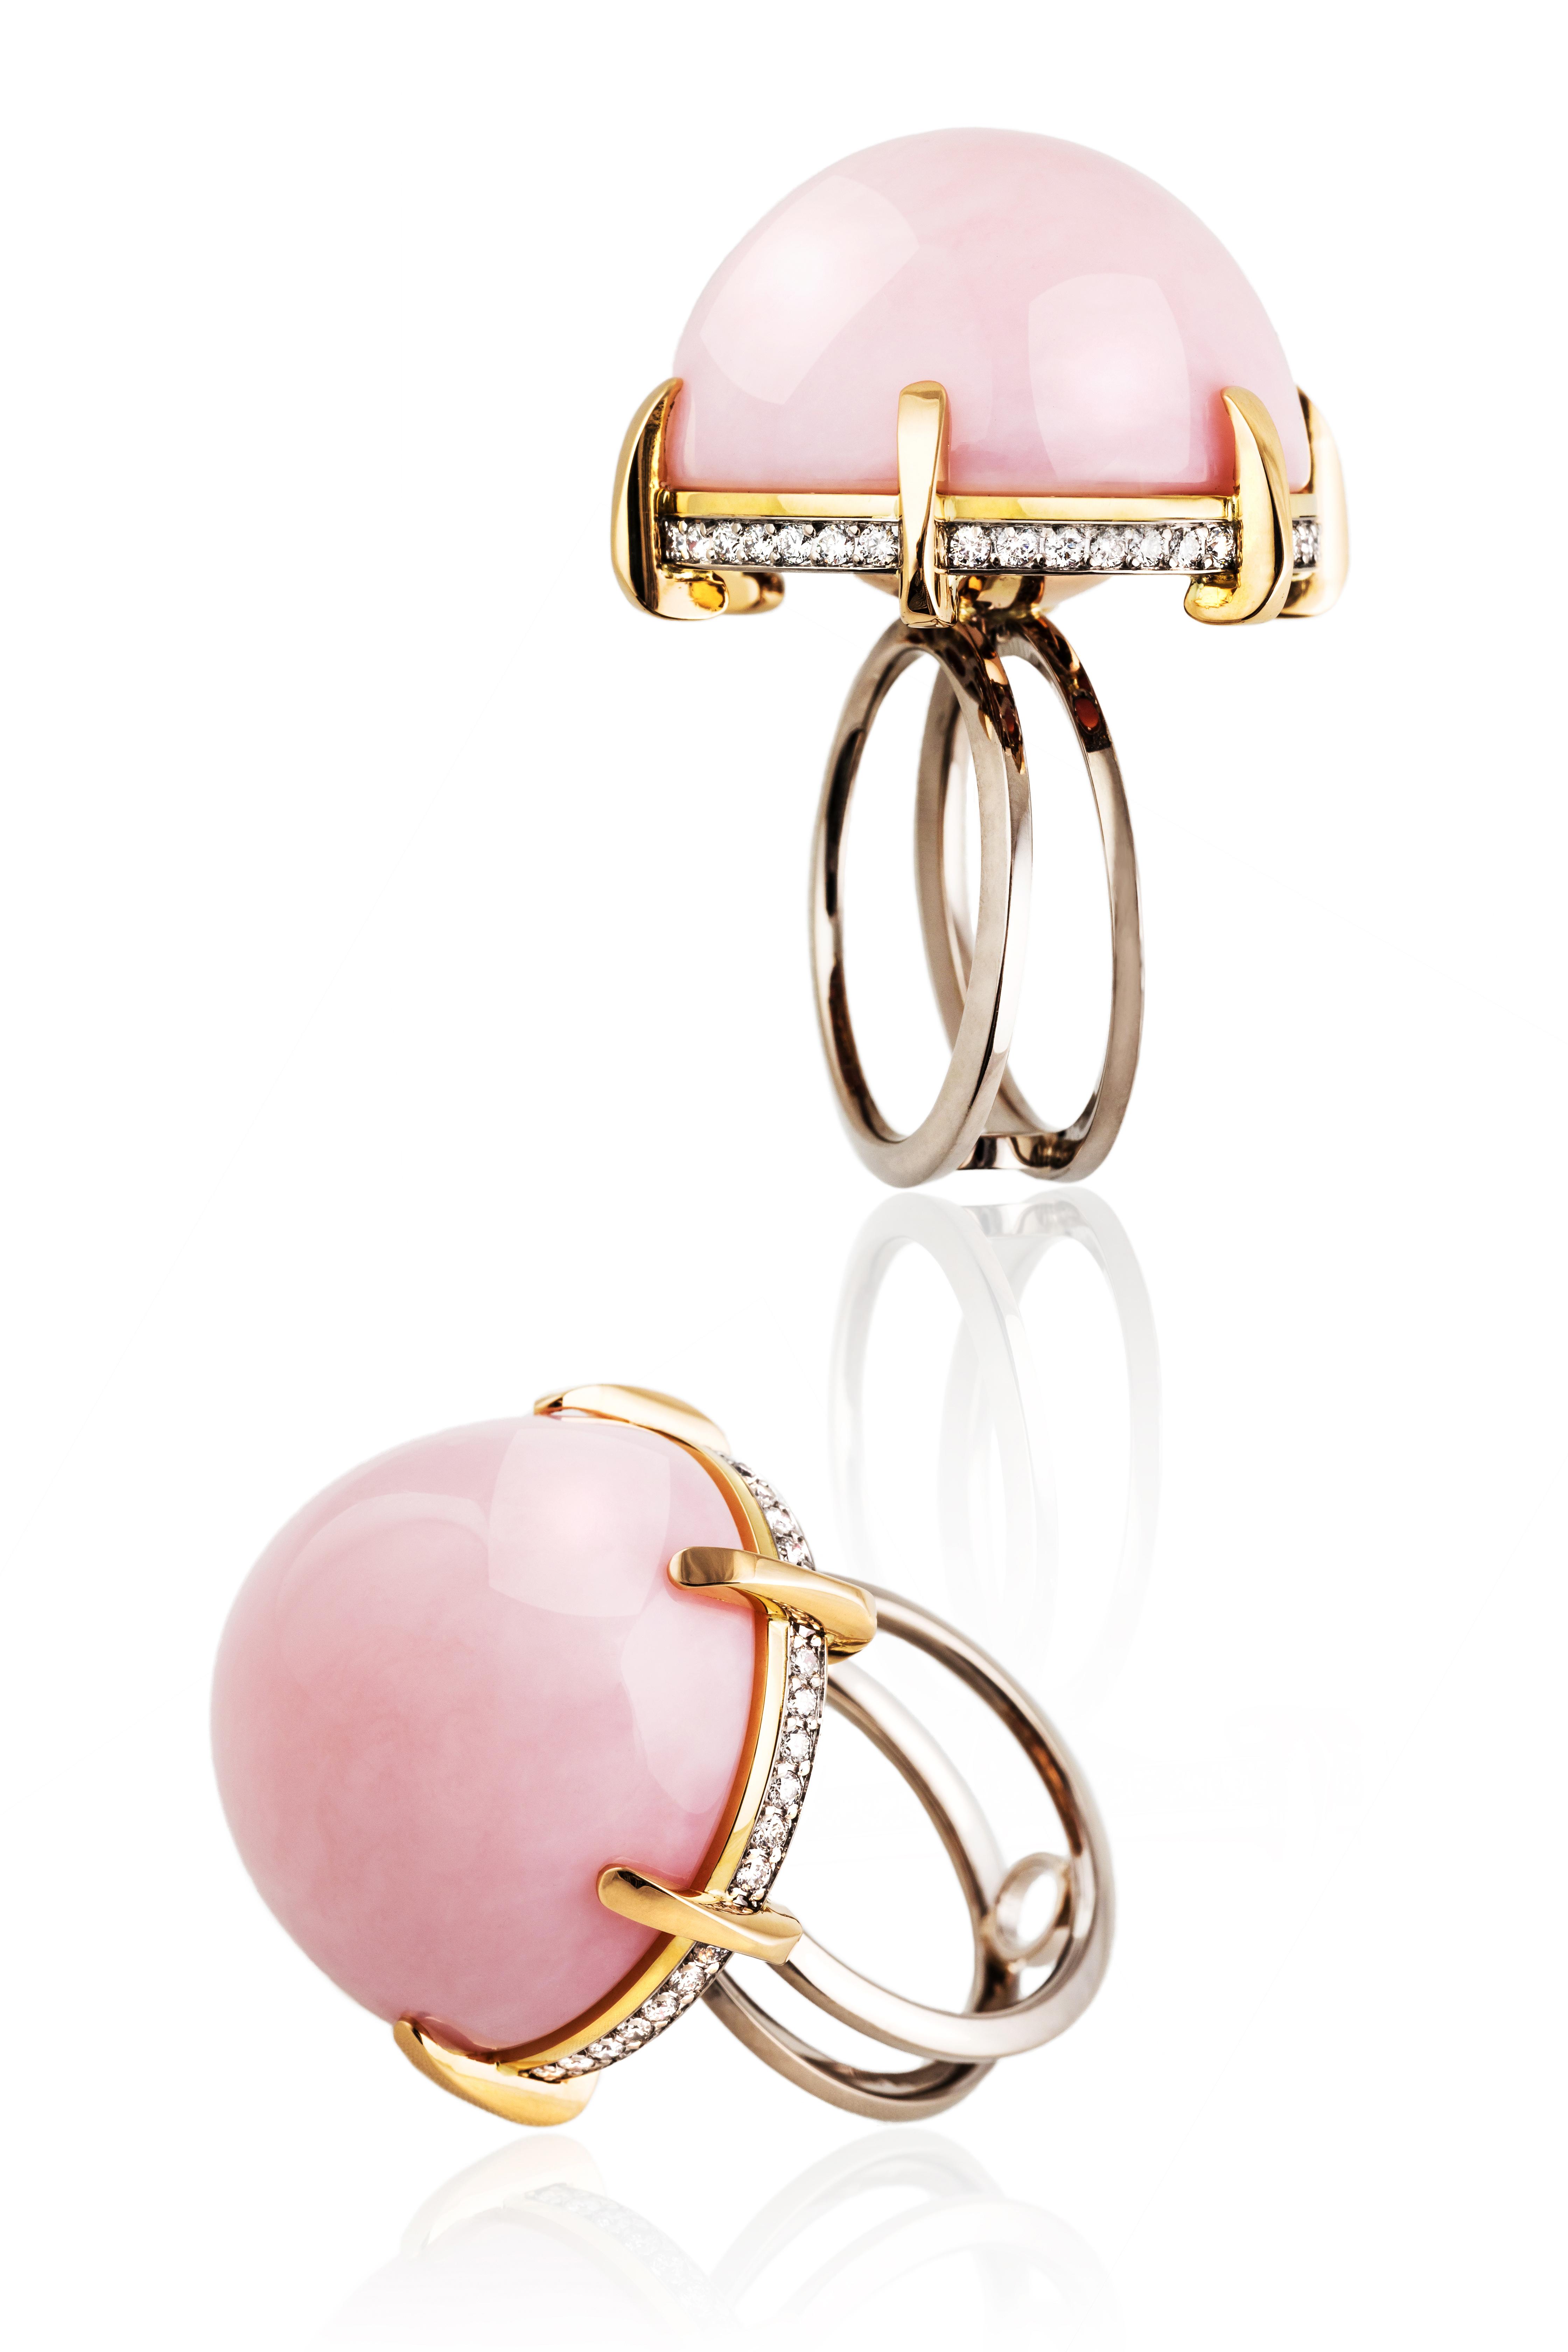 Bretterbauer Juweliere